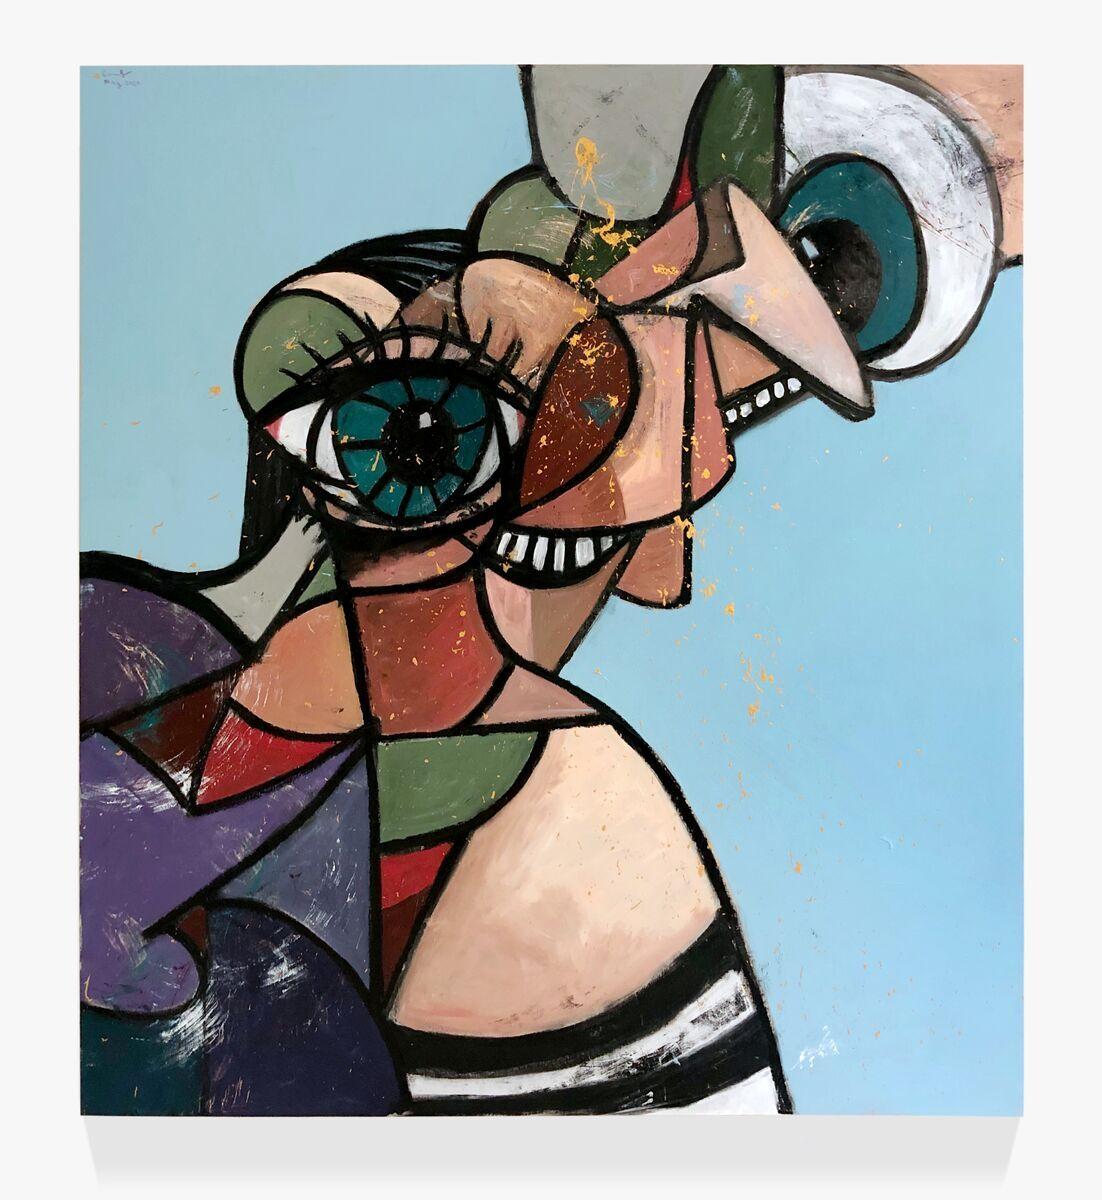 George Condo, Diagonal Evolution, 2020. © George Condo. Courtesy of the artist and Hauser & Wirth.